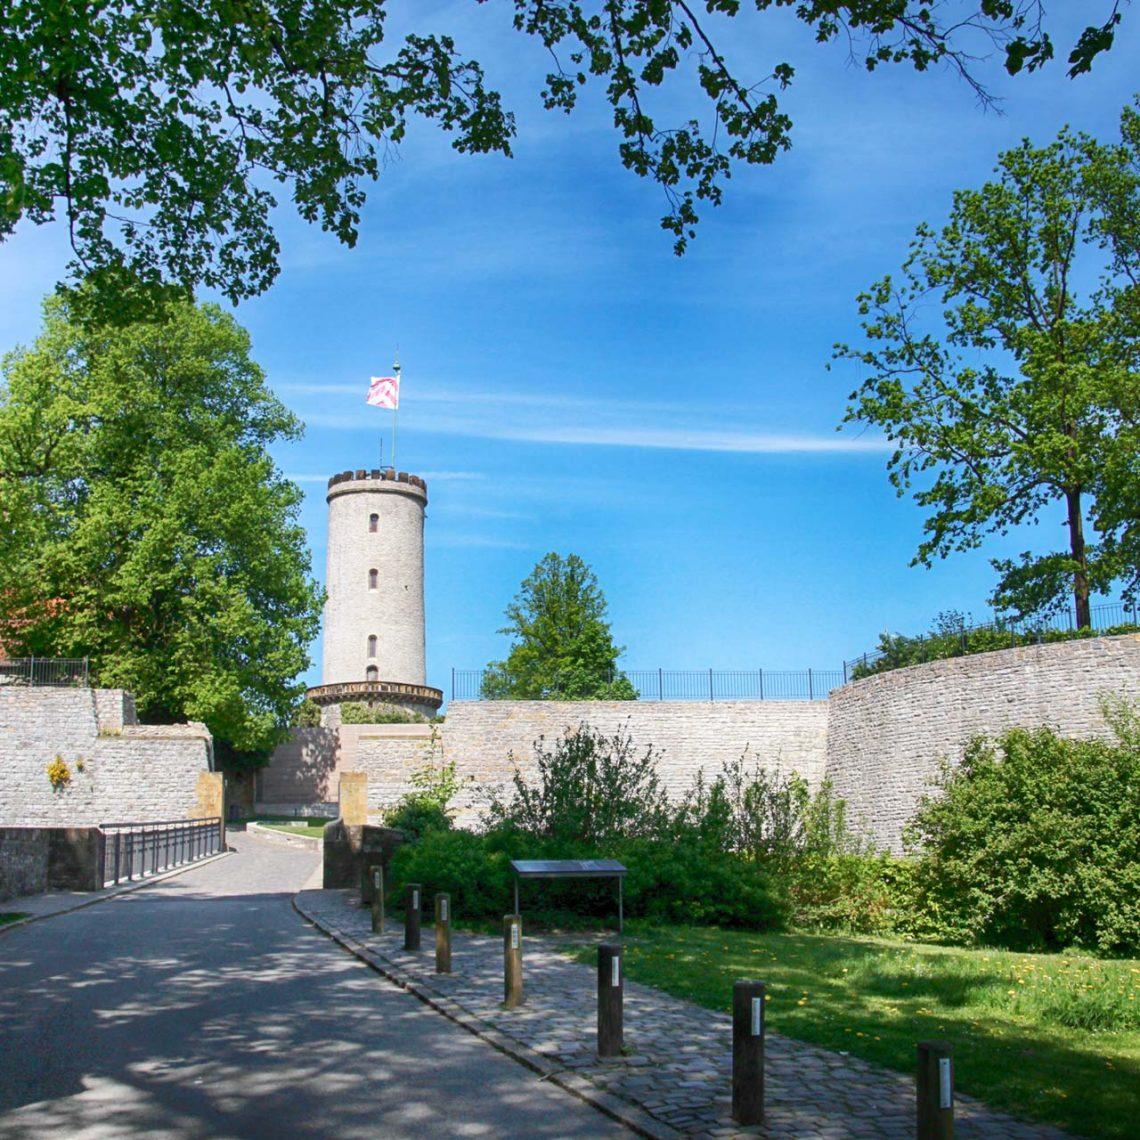 Voller Vorfreude erklimme ich den kurzen Aufstieg zur Burg Sparrenberg und erfreue mich an liebevoll restaurierten Gemäuern.